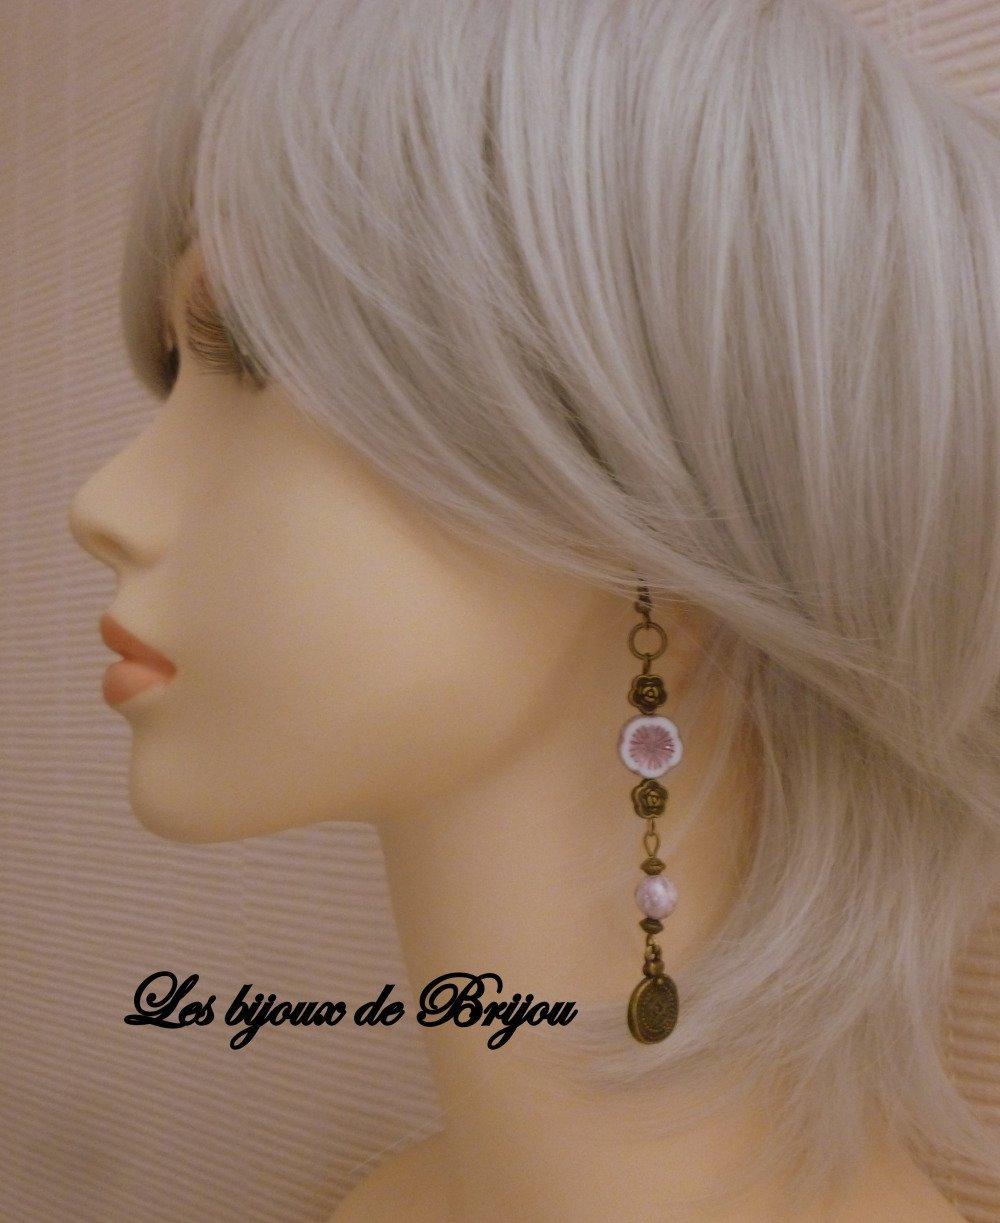 Boucles d'oreilles longues boho chic parme et bronze en perles tchèques parme et perles en bronze